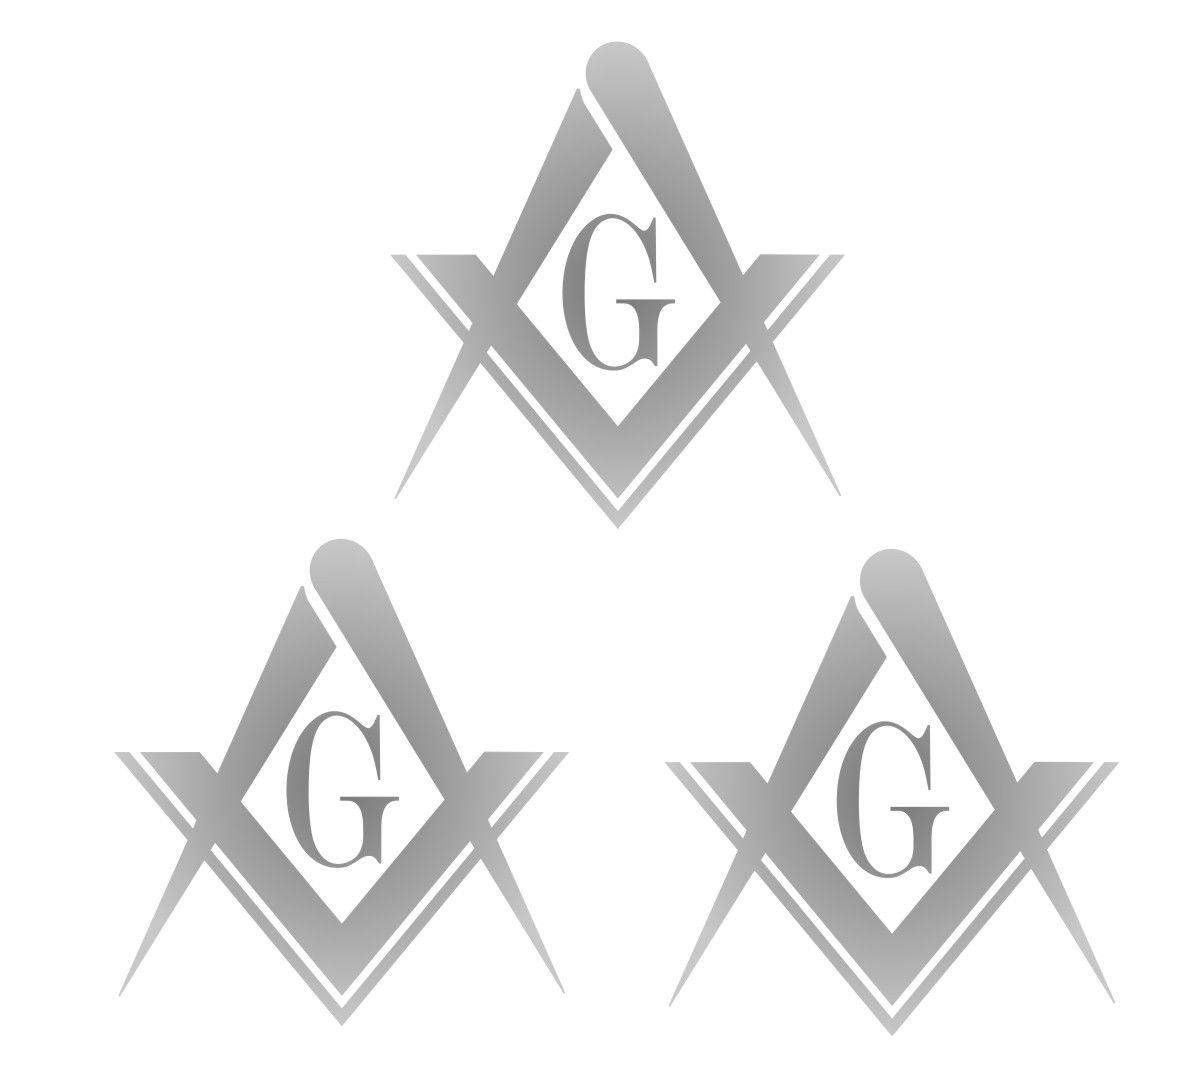 Adesivo Maçonaria - Kit com 3 unid. Tamanhos P M ou G